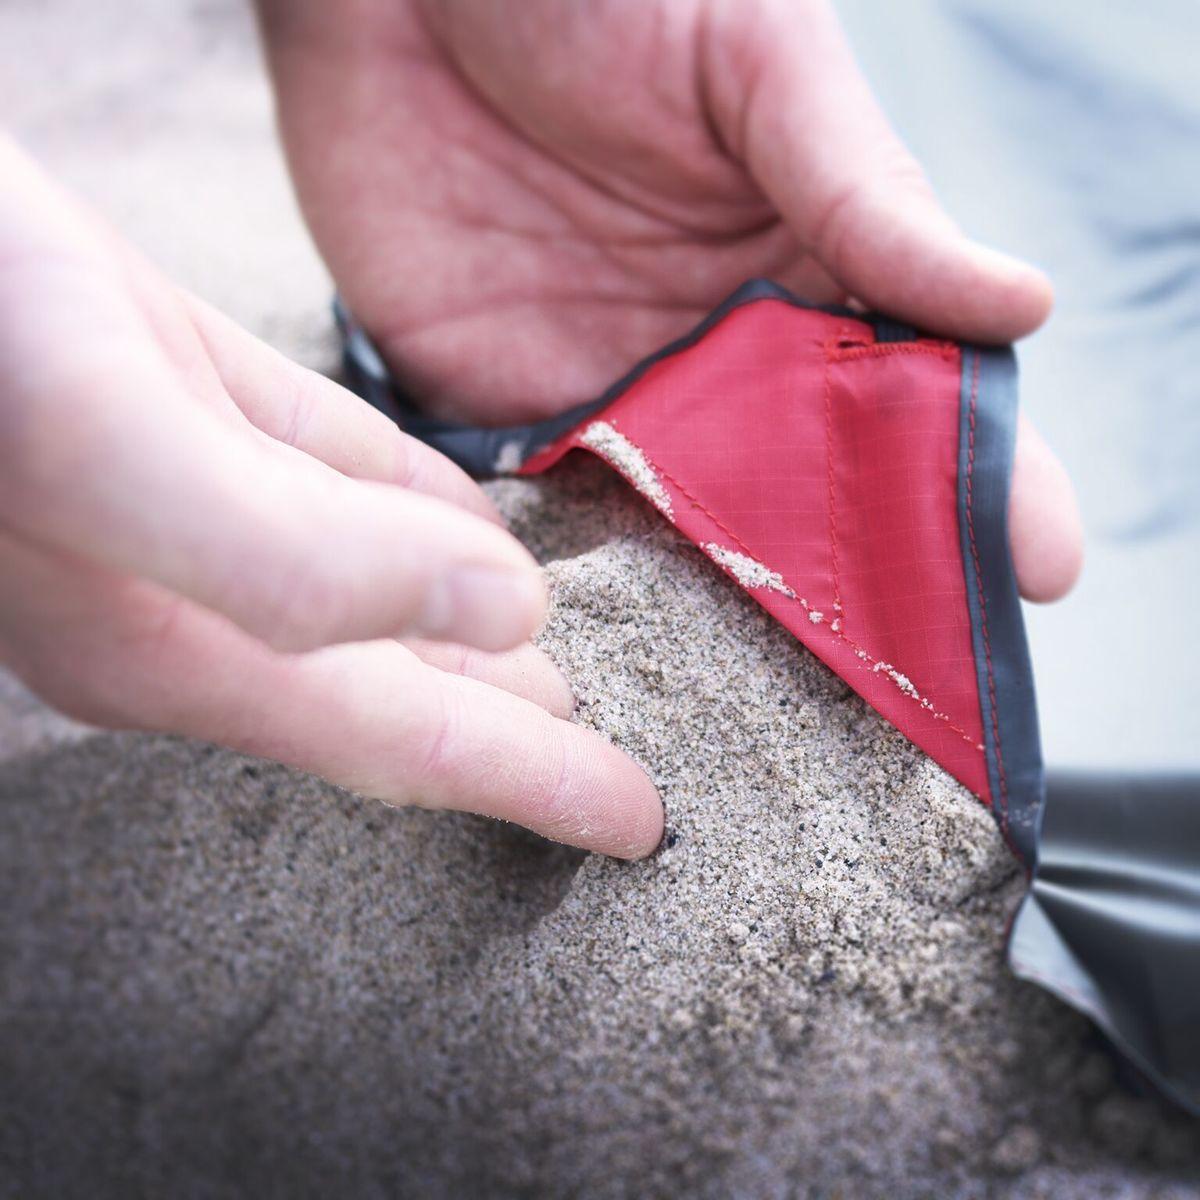 砂を入れて重さで固定することもできる。手のひらサイズにたためる撥水仕様のレジャーシート|Matador POCKET BLANKET